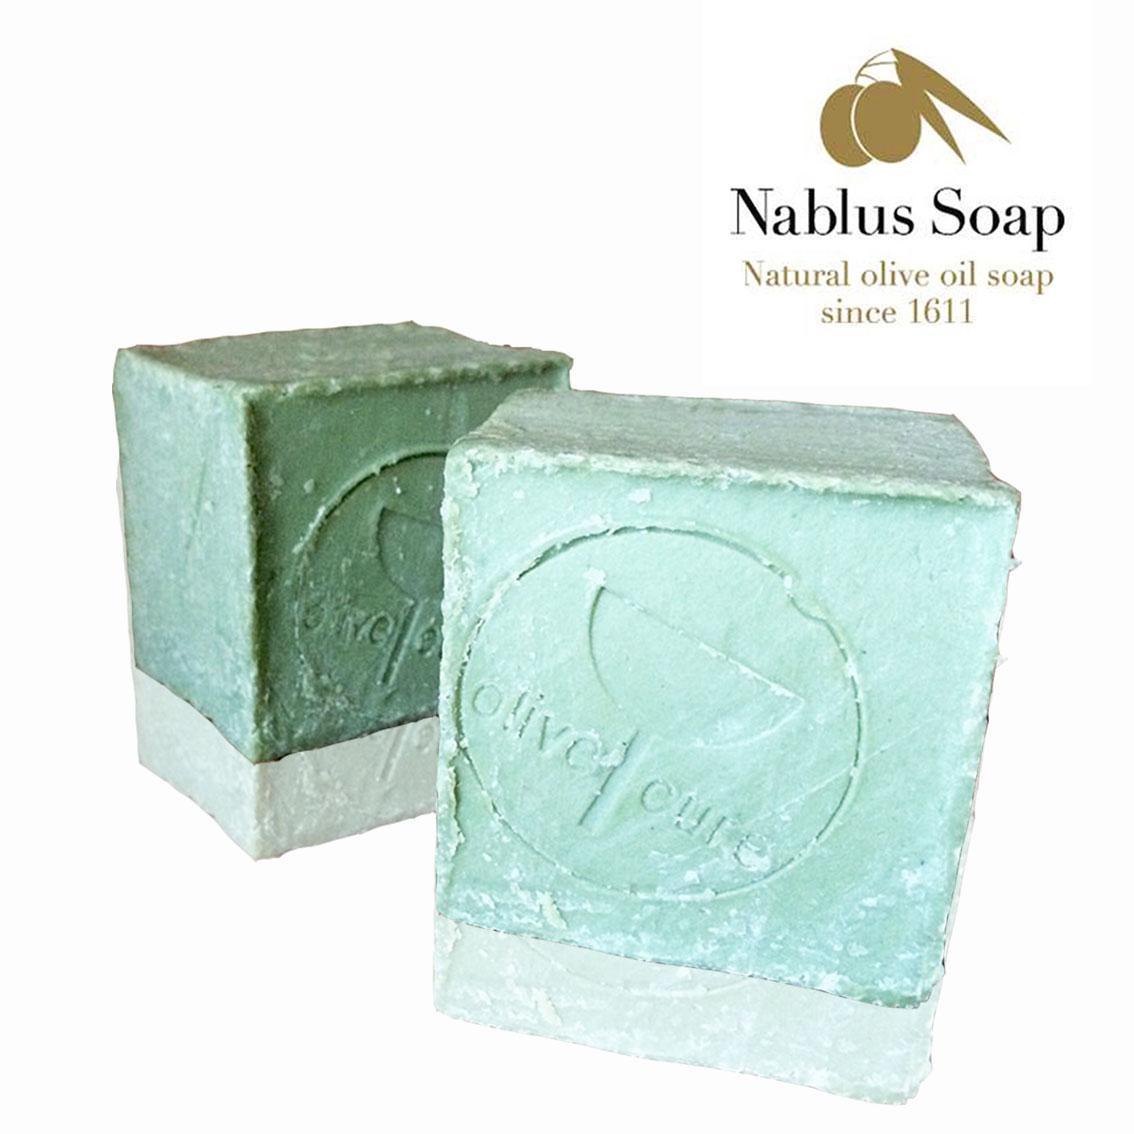 Нежное лавровое мыло ручной работы Nablus, 25% лавра, 110-115g., Палестина